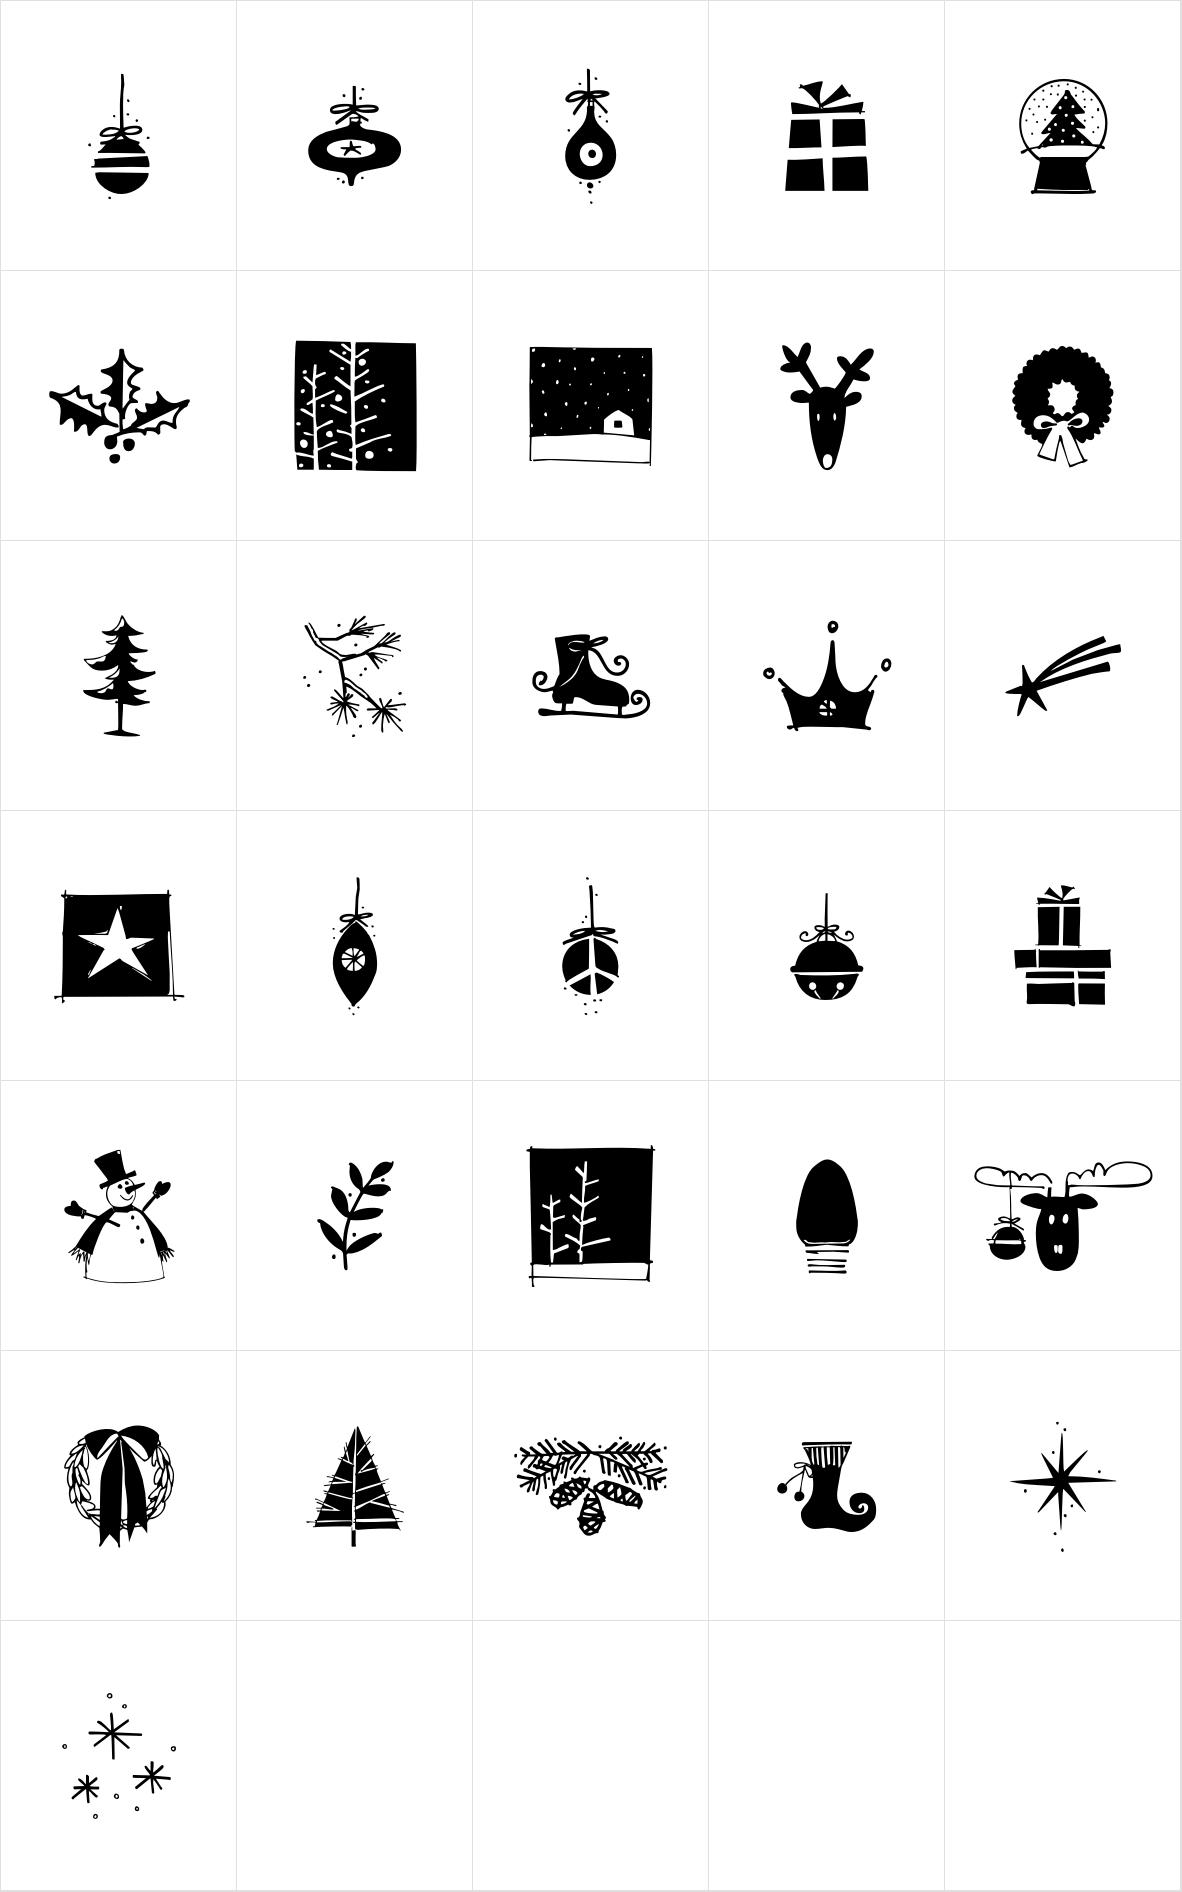 Yuletide Doodles